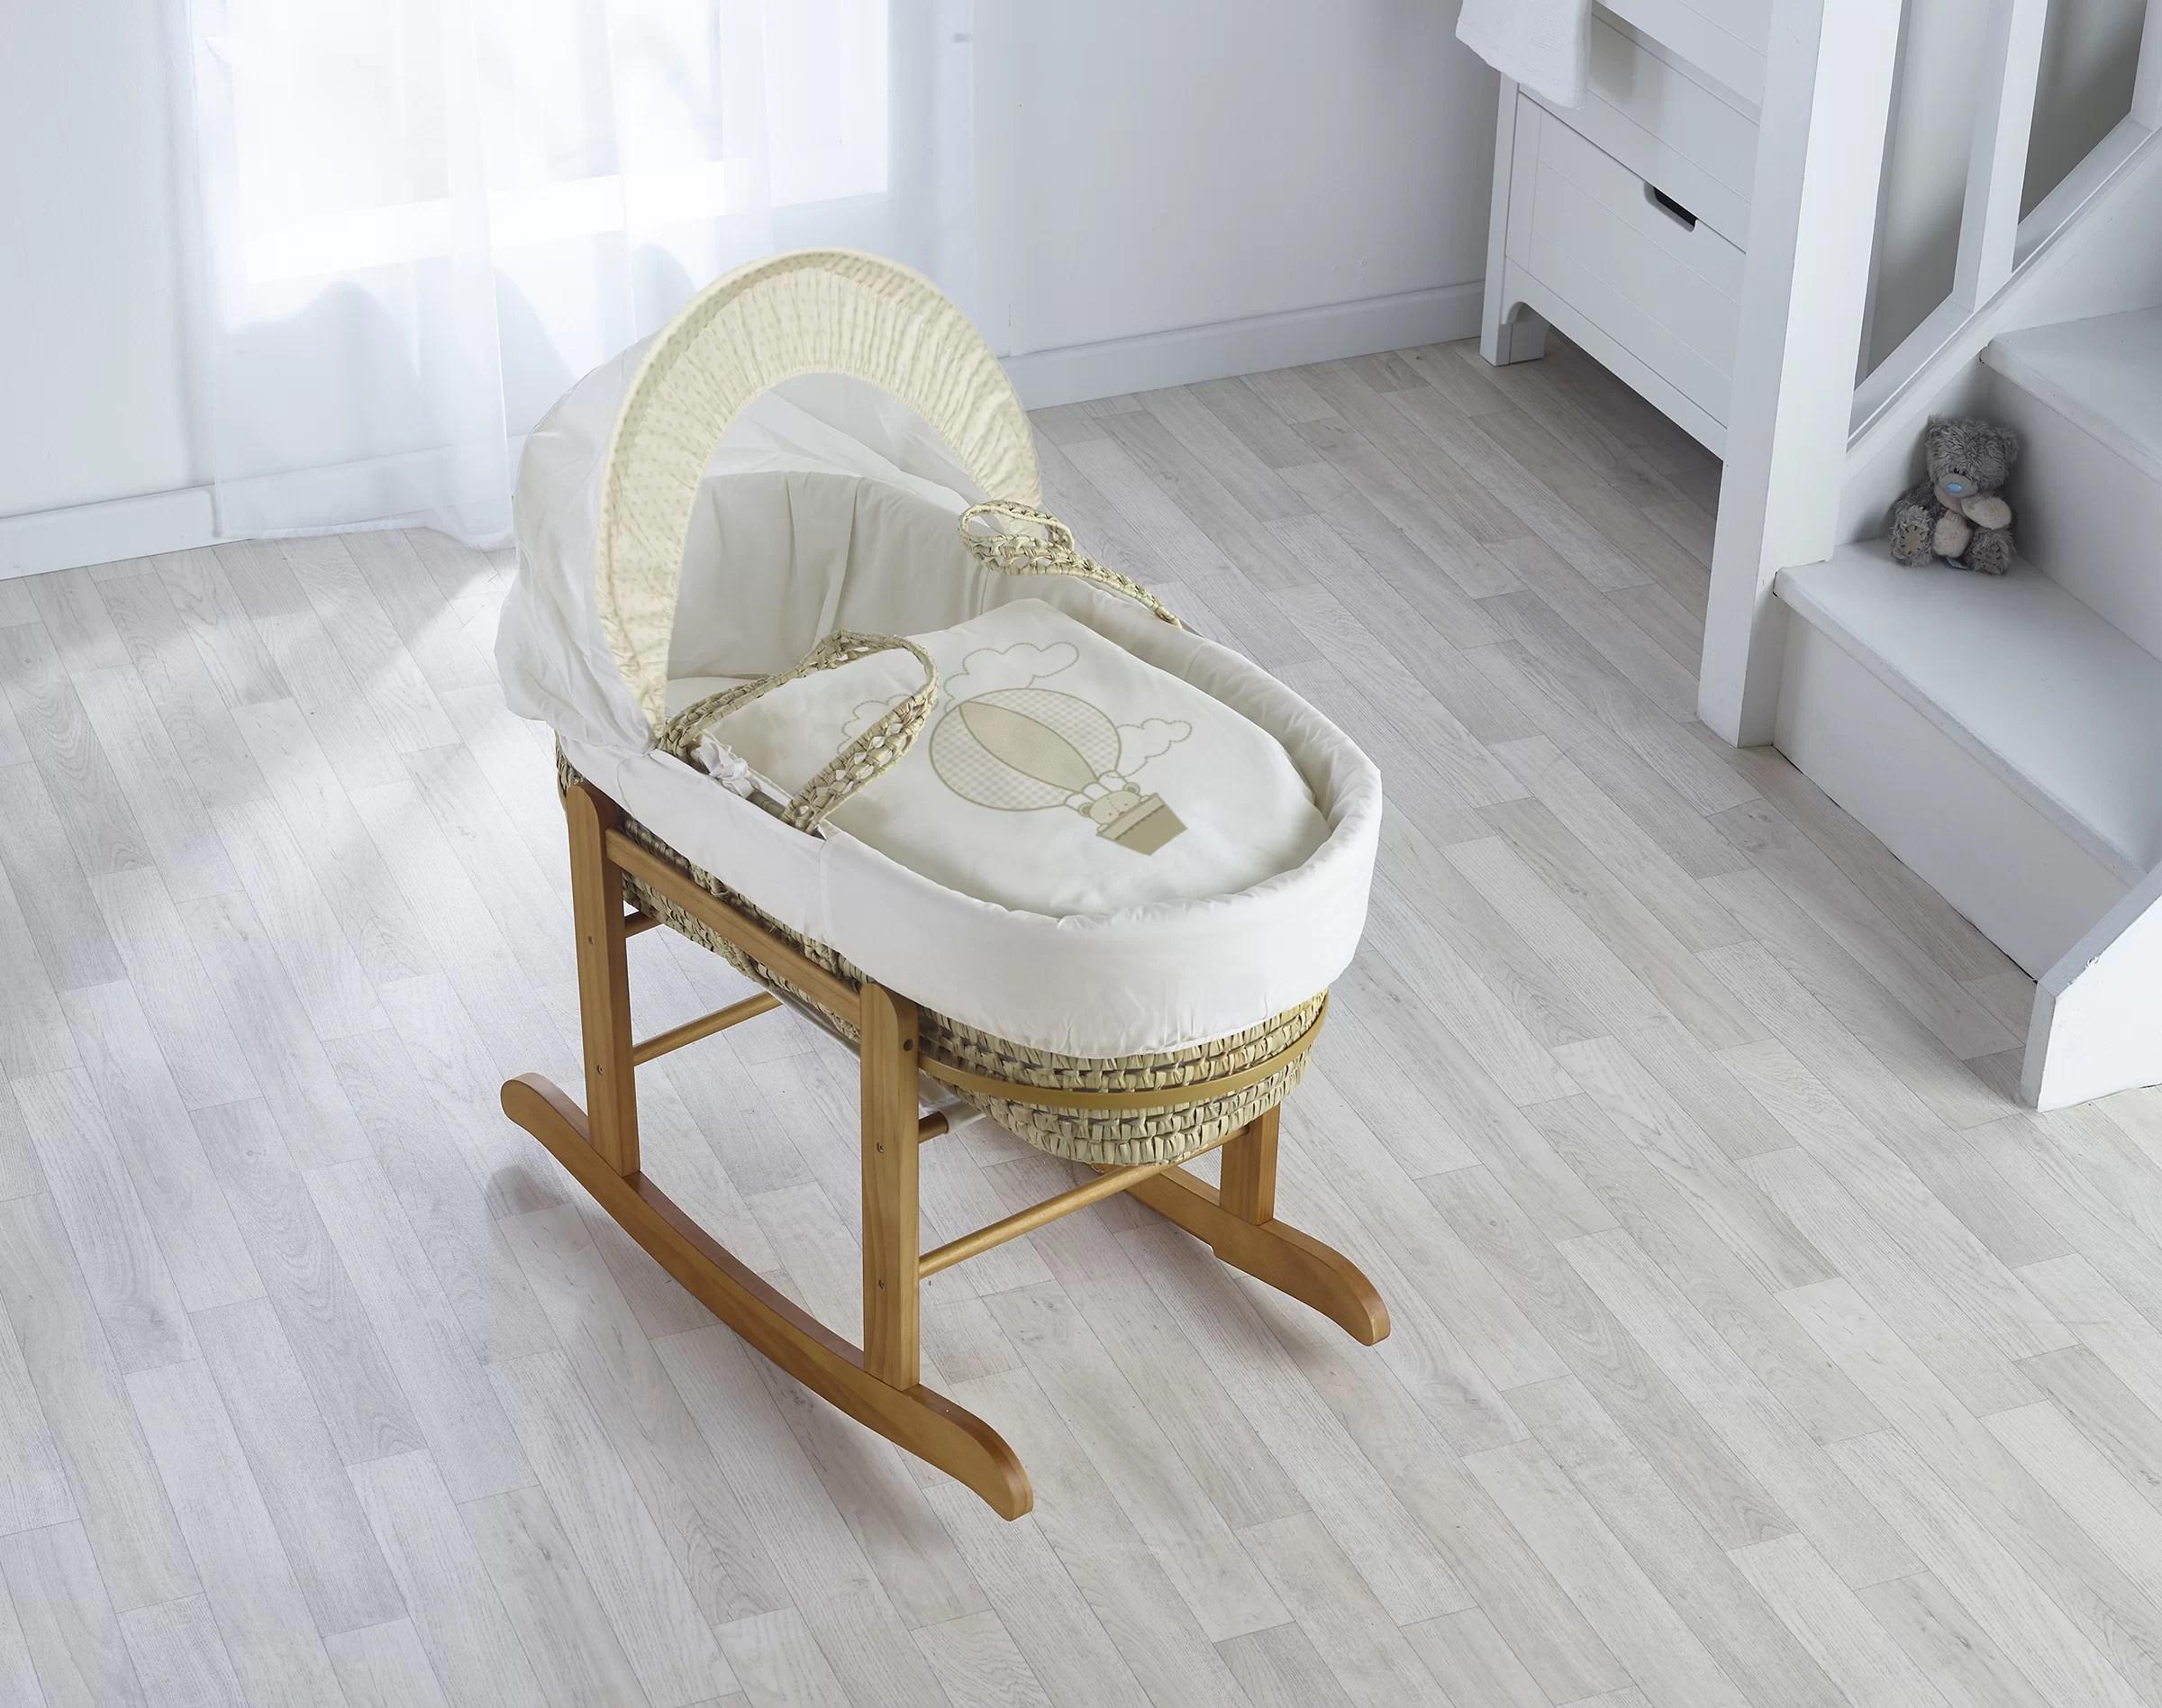 Möbel gebraucht kaufen karlsruhe gebrauchte mbel karlsruhe cheap